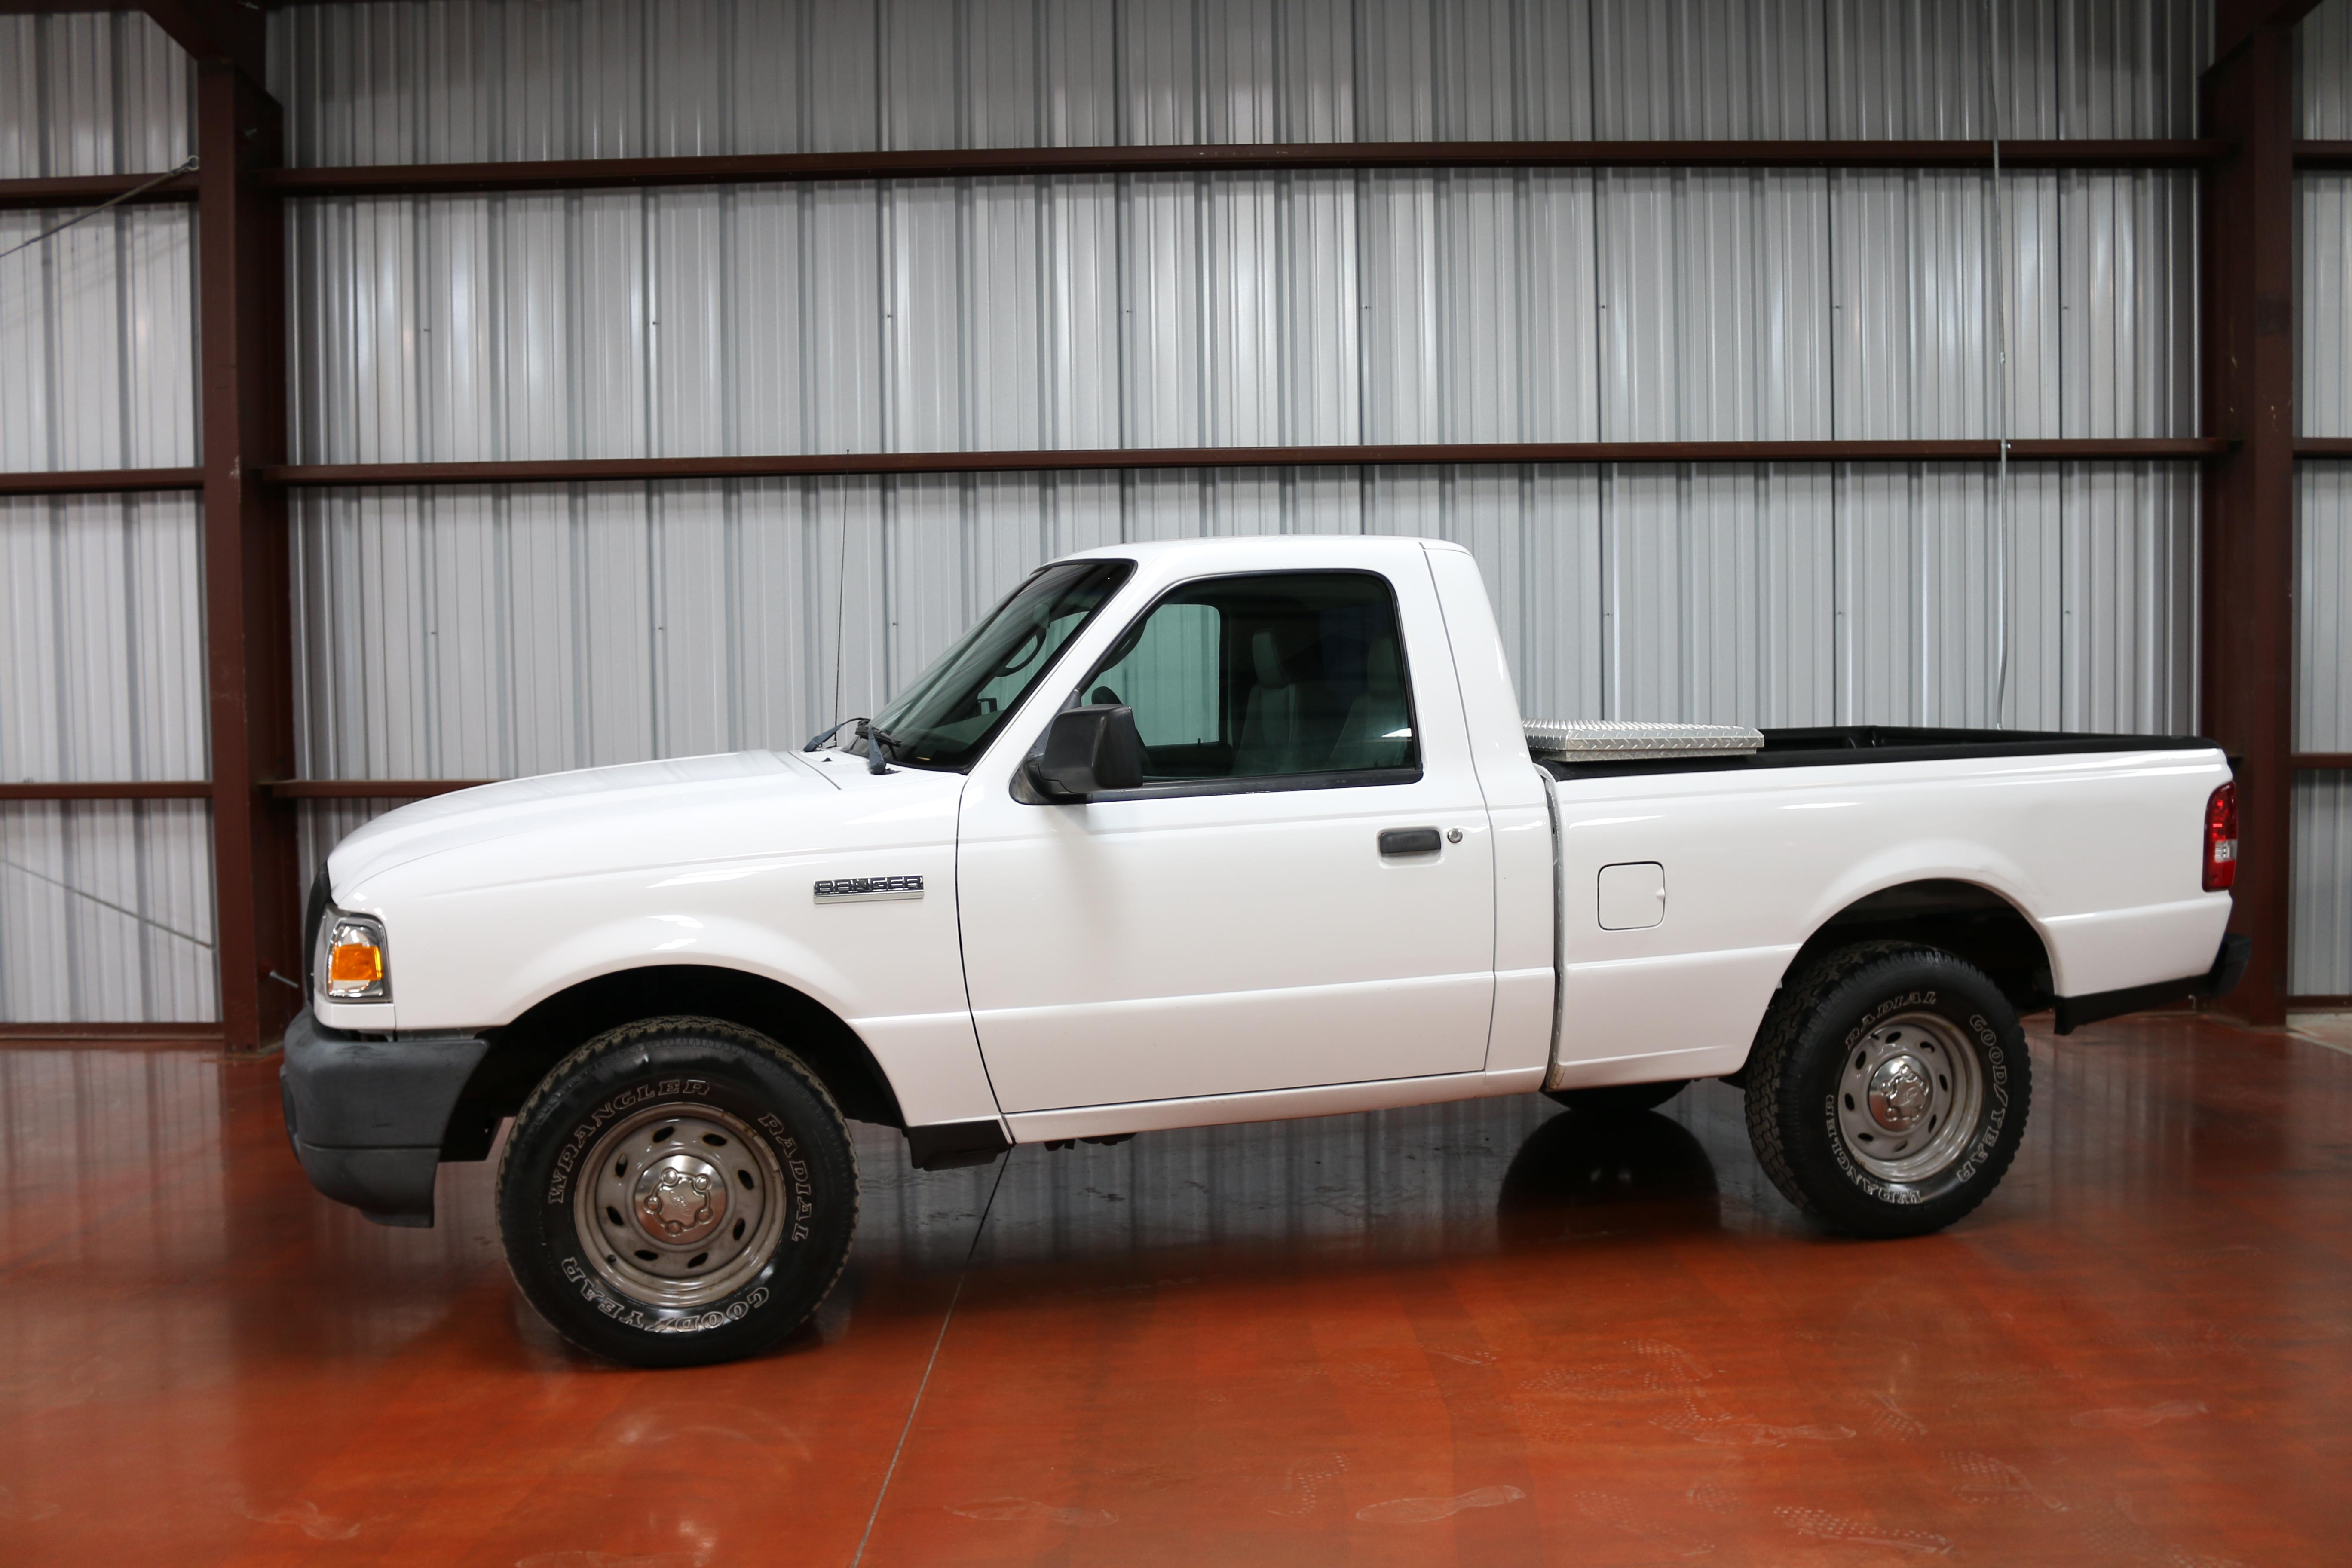 Used 2006 Ford Ranger